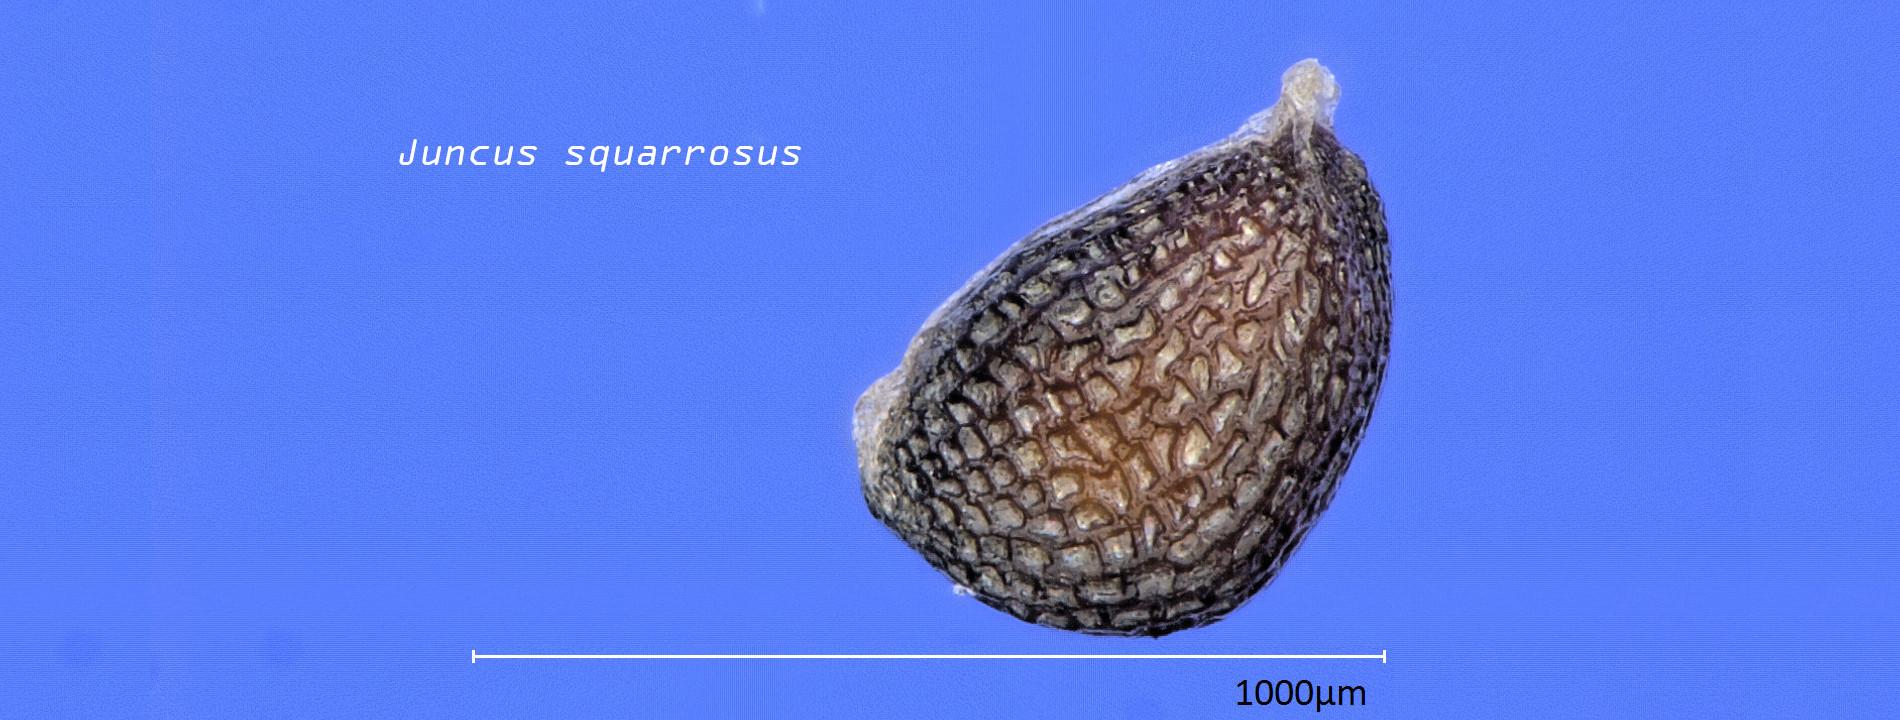 Auf dem Bild ist ein Samen der Pflanzenart Juncus squarrosus zu sehen.